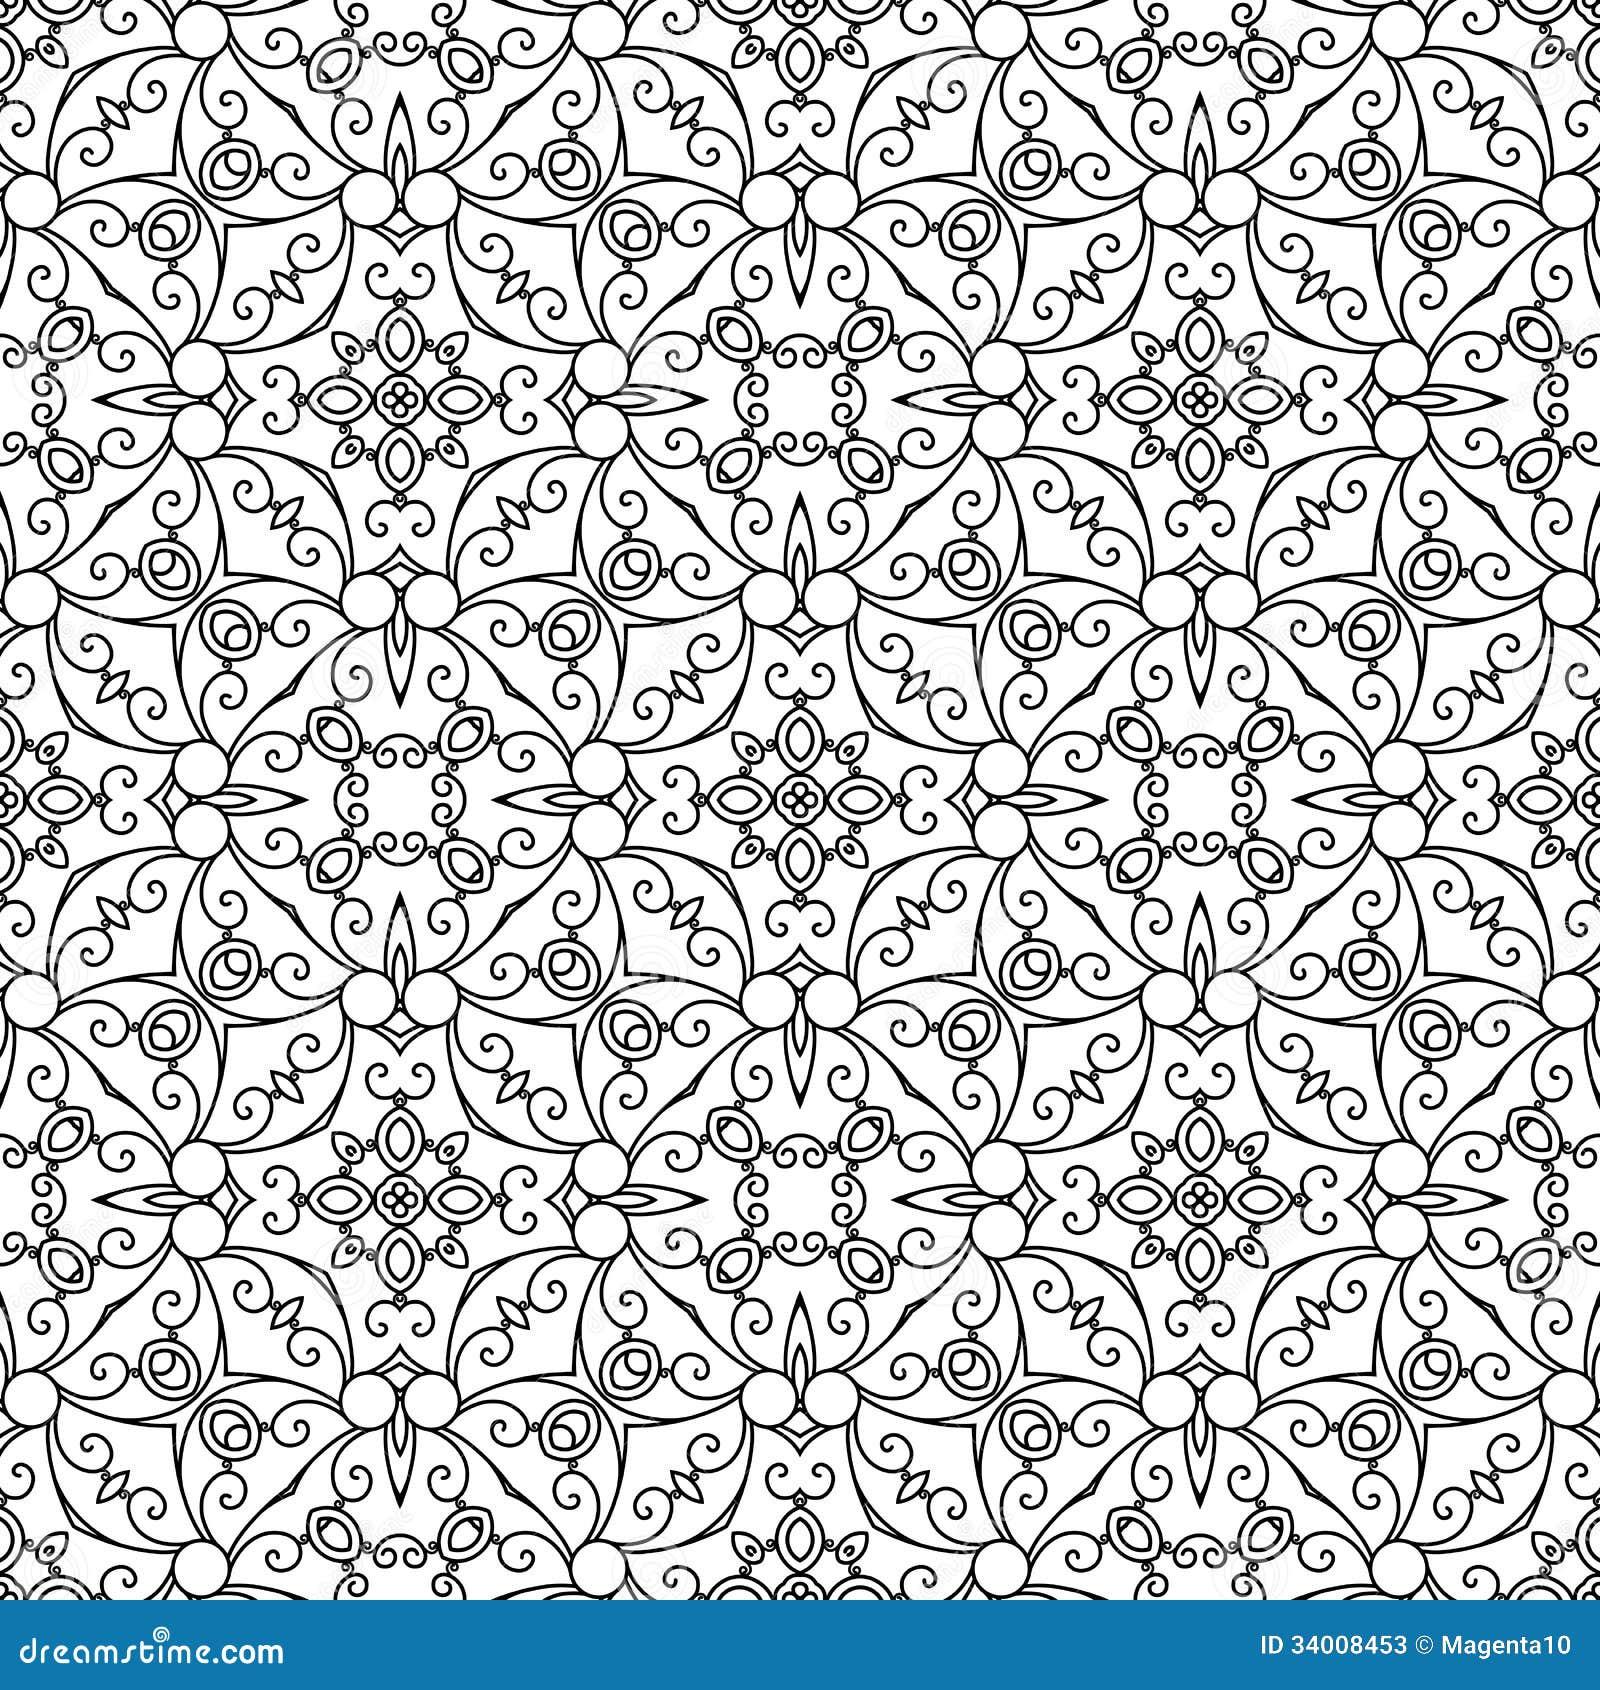 Der Zusammenfassung Muster Swirly Vektor Abbildung Illustration